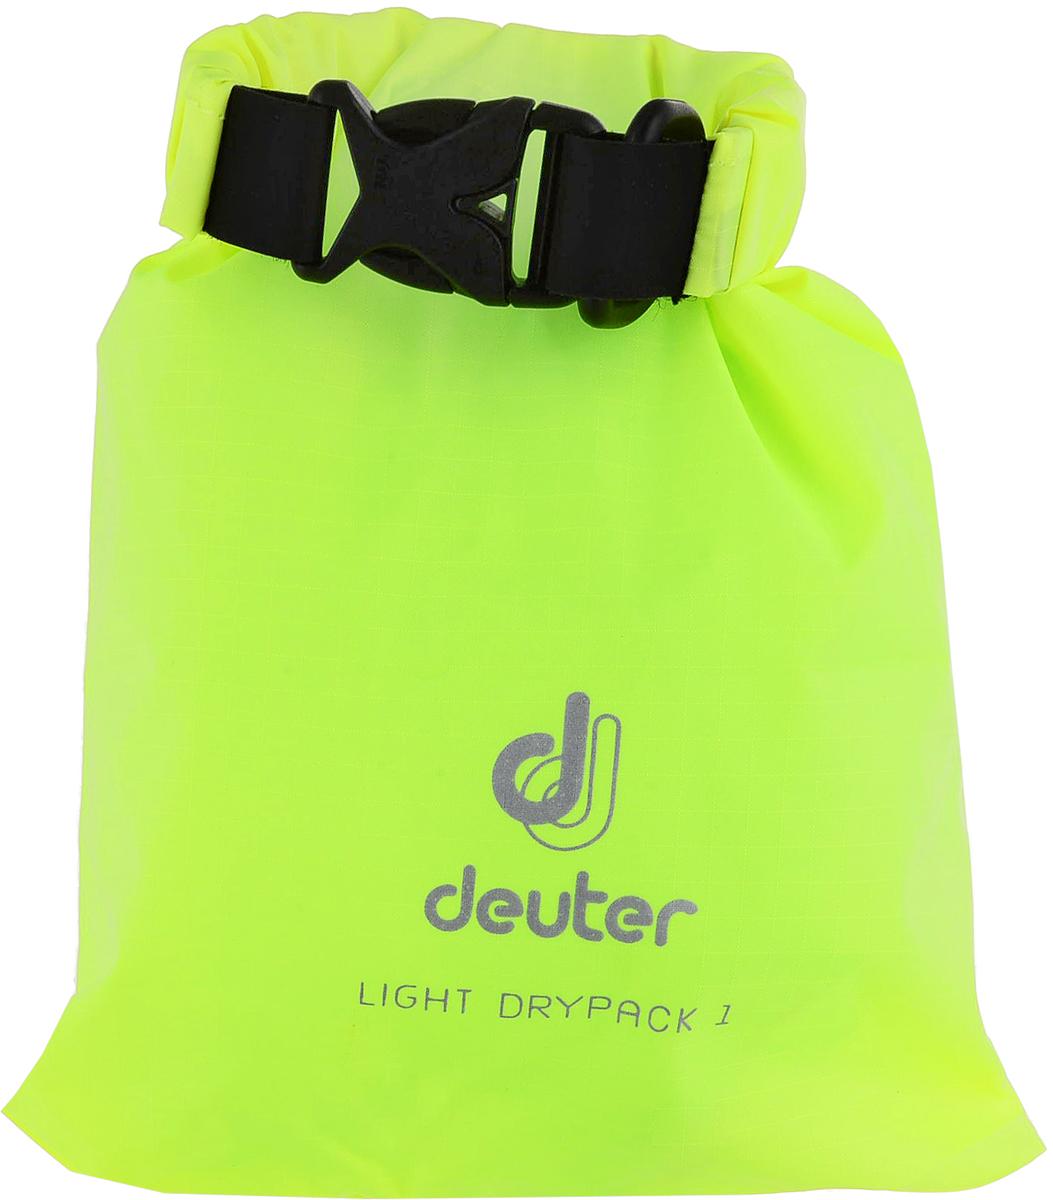 Гермомешок Deuter Light Drypack, цвет: желтый